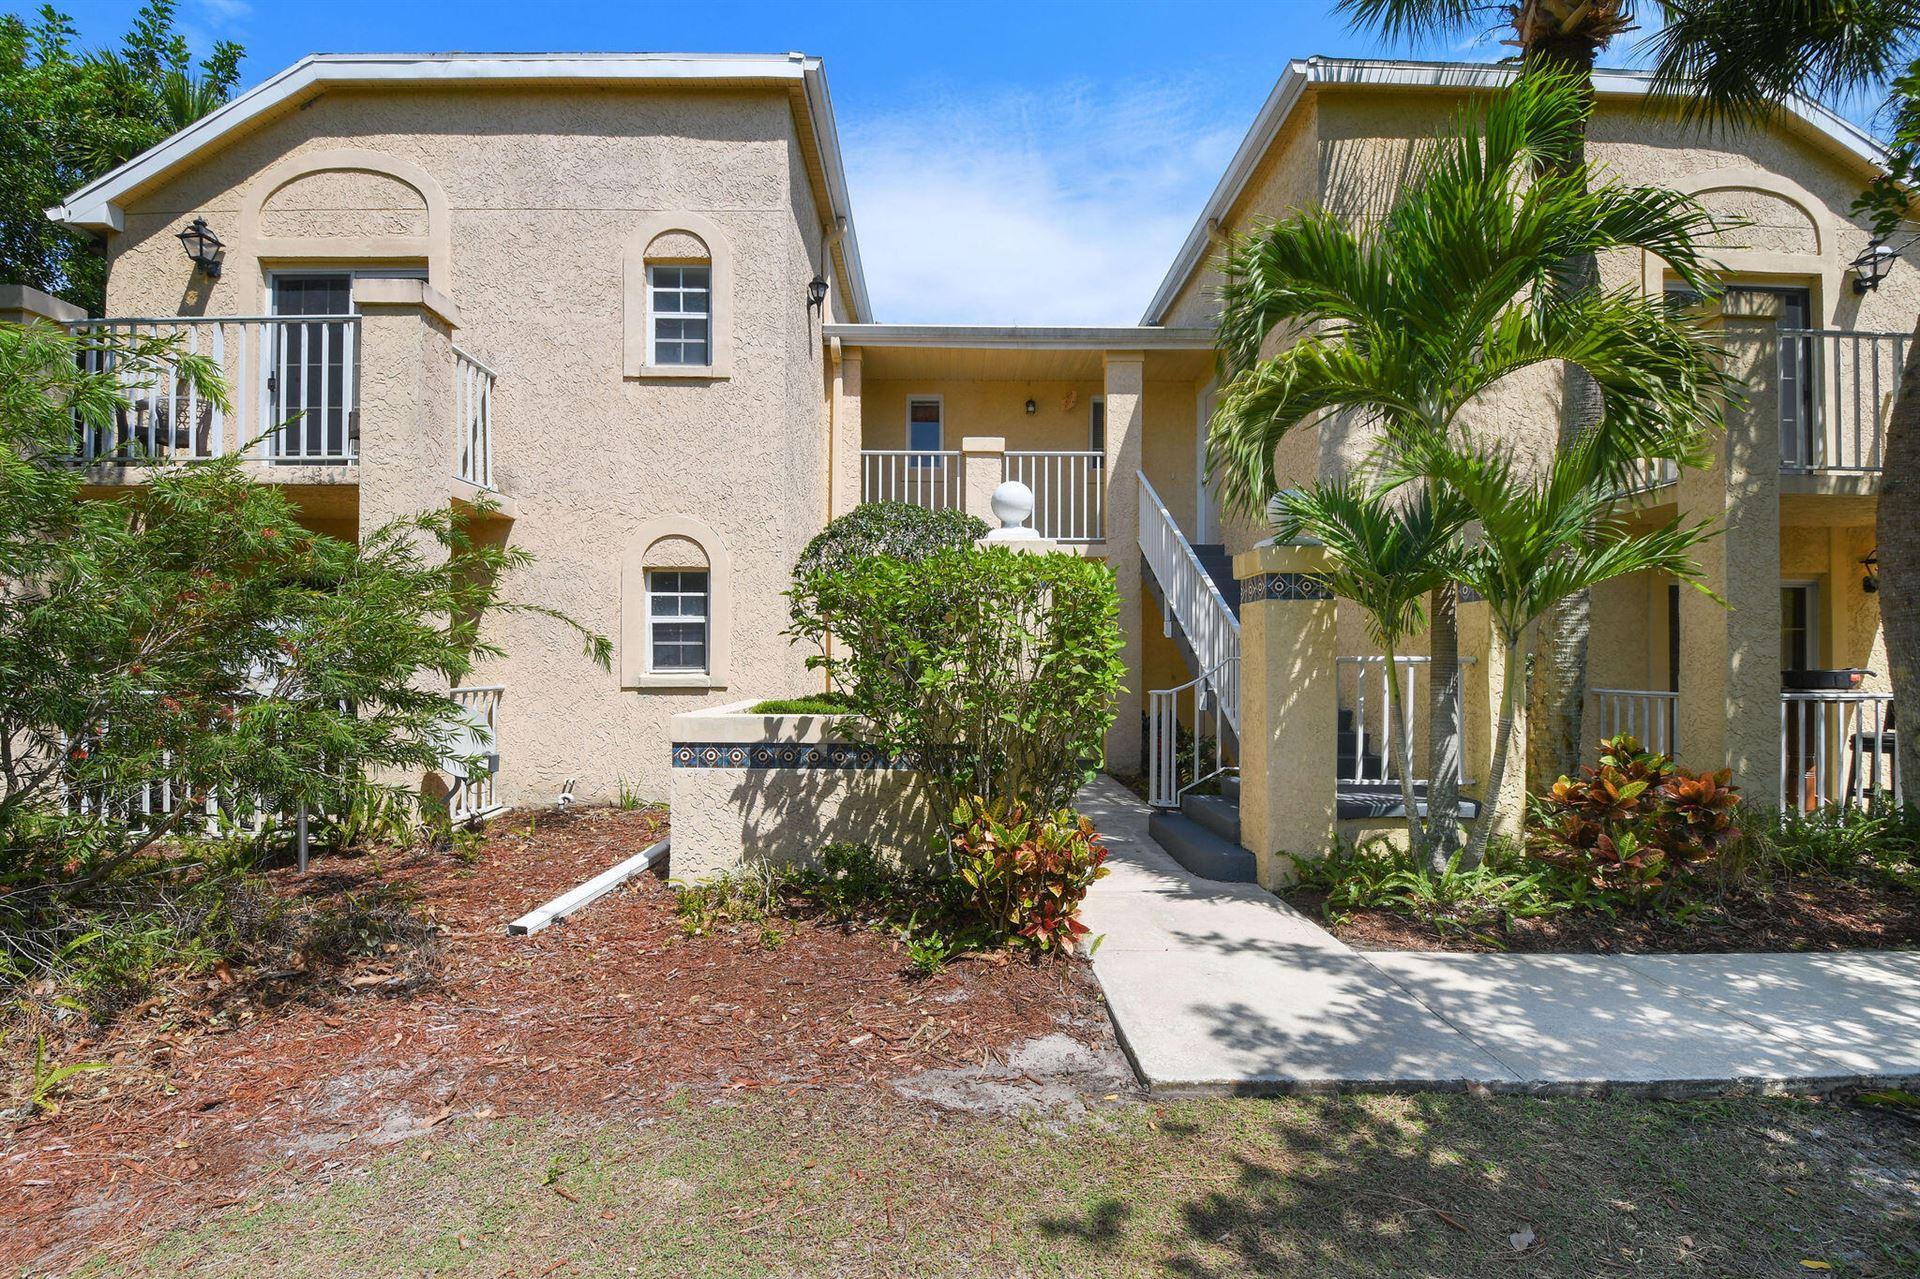 1604 SE Green Acres Circle #T203, Port Saint Lucie, FL 34952 - #: RX-10706749